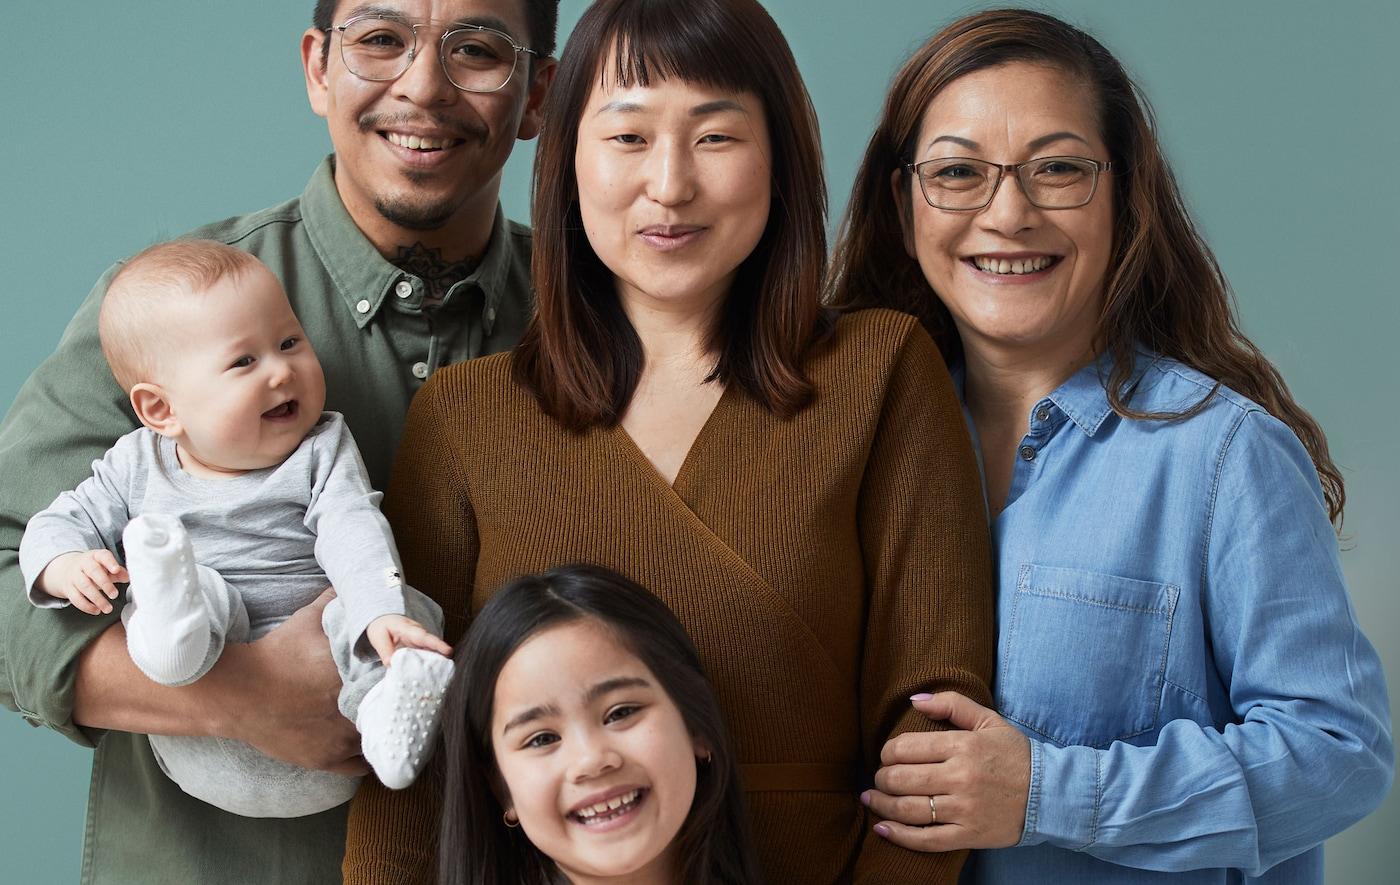 أسرة مكونة من خمسة أفراد، جميعهم يبتسمون من زوجين مع طفل ، وابنة صغيرة وجدة تقف على مقربة.